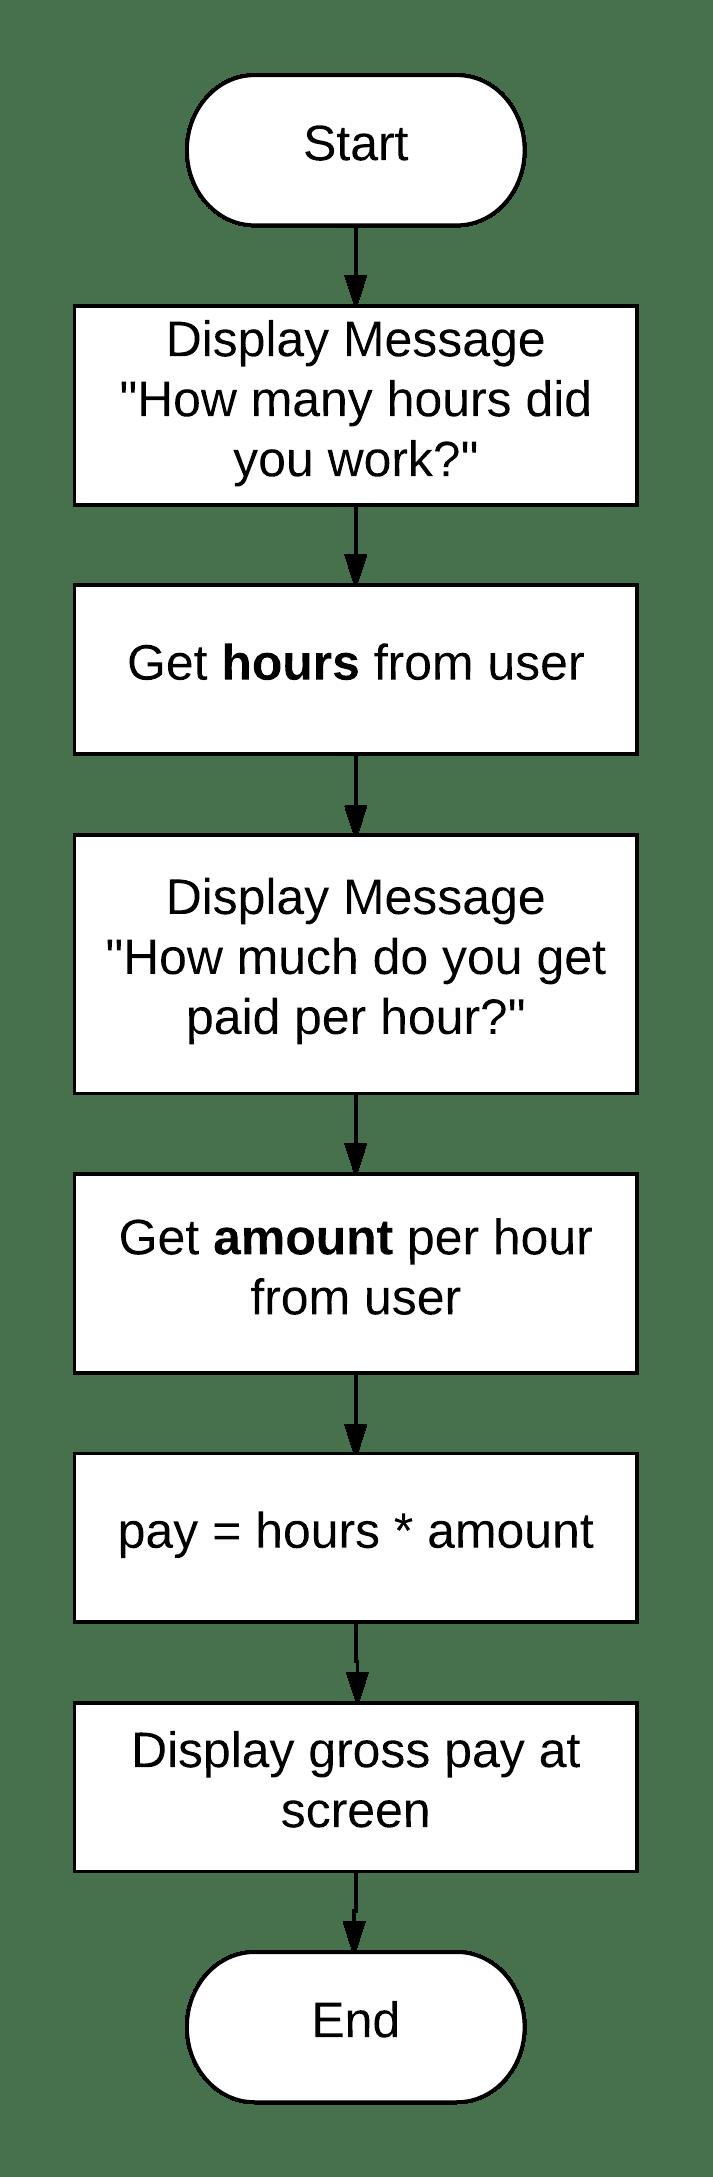 Calculate gross pay algorithm